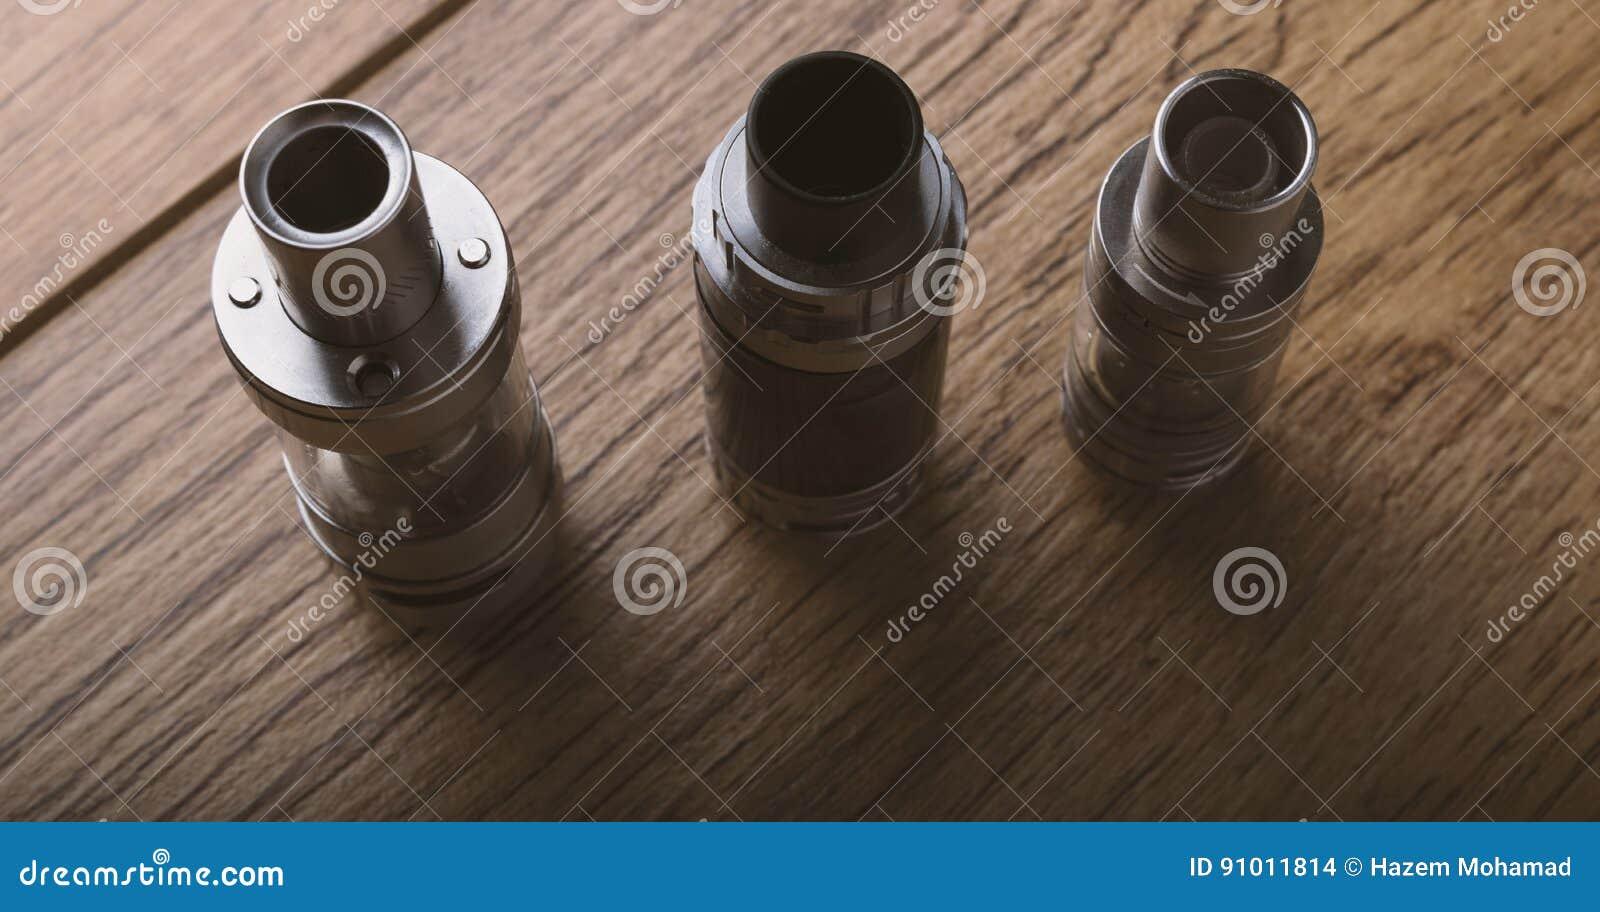 Stylo de Vape et dispositifs vaping, mods, atomiseurs, clope d e, cigarette d e